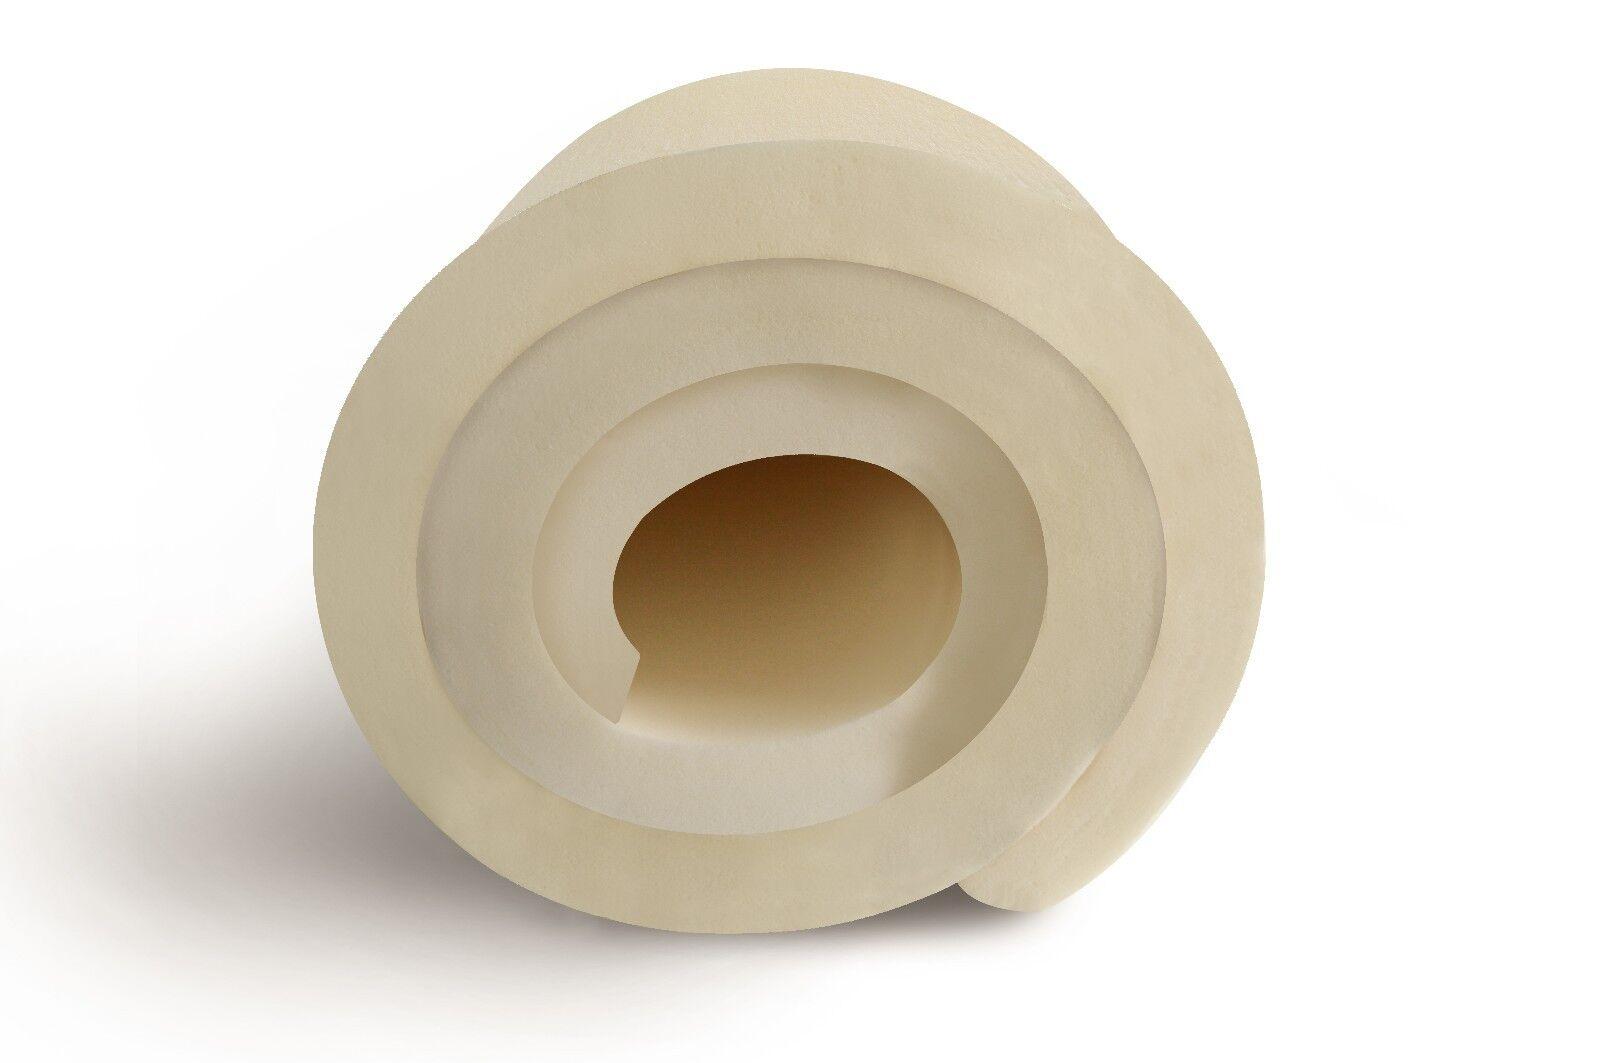 Materassi saver per roll materasso adatto adatto adatto RIFERIMENTO & dimensione selezionabile 1583 22d733